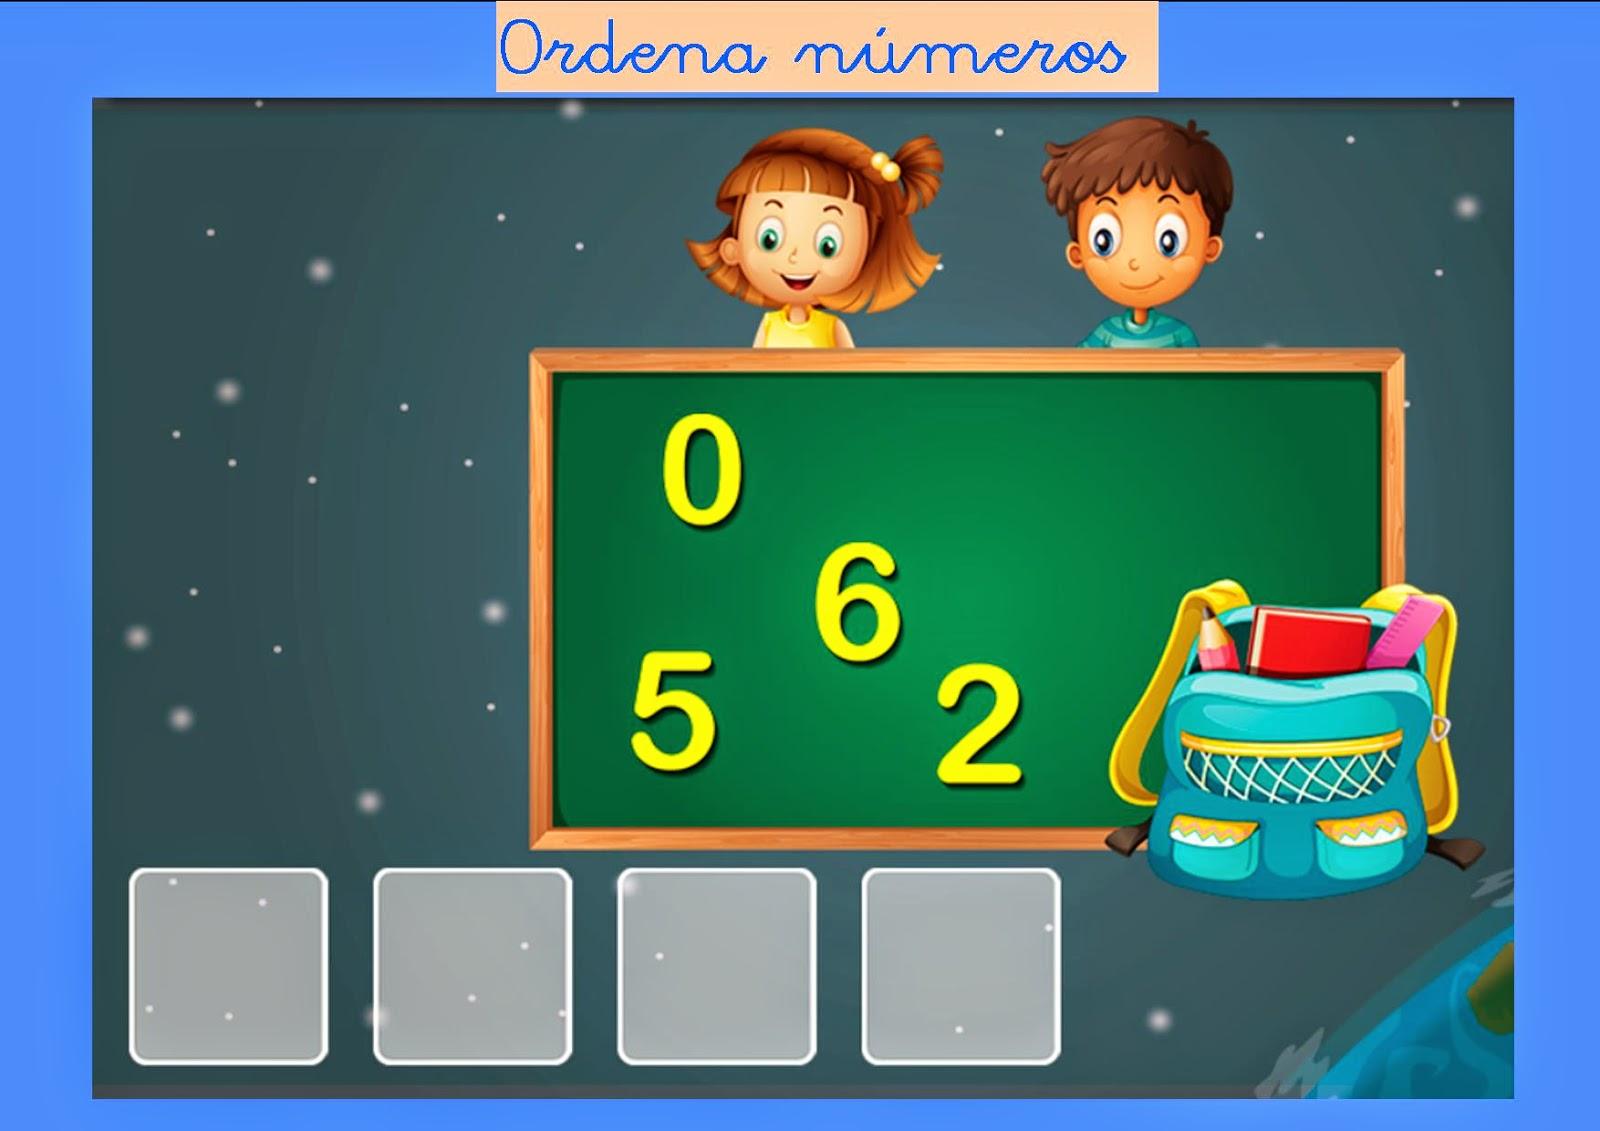 http://www.mundoprimaria.com/juegos/matematicas/numeros-operaciones/1-primaria/392-juego-ordenar-numeros/index.php